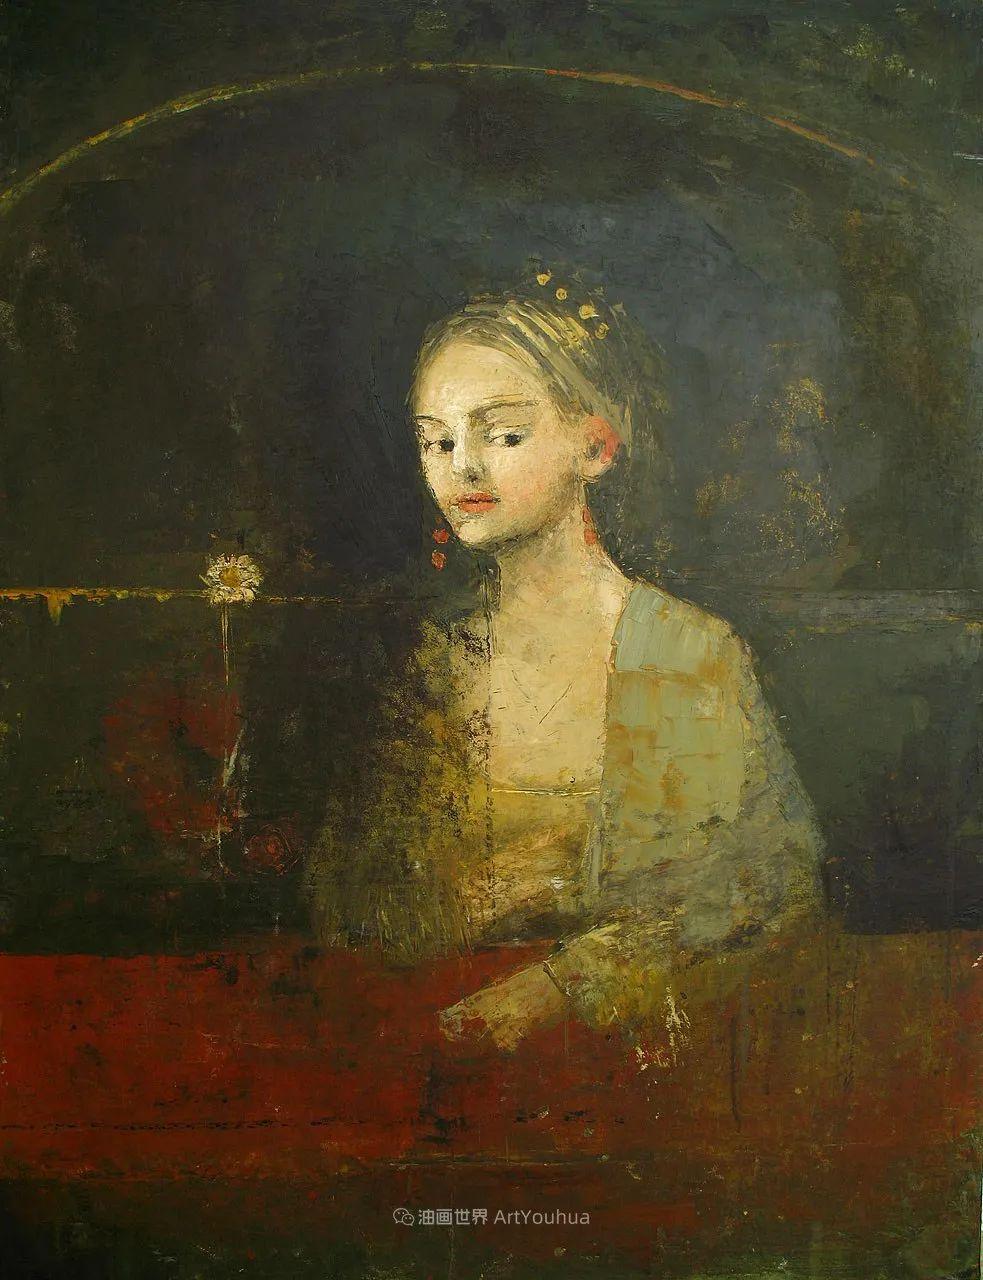 她从古代壁画中汲取灵感,但作品有一种非常现代、神秘的感觉!插图33